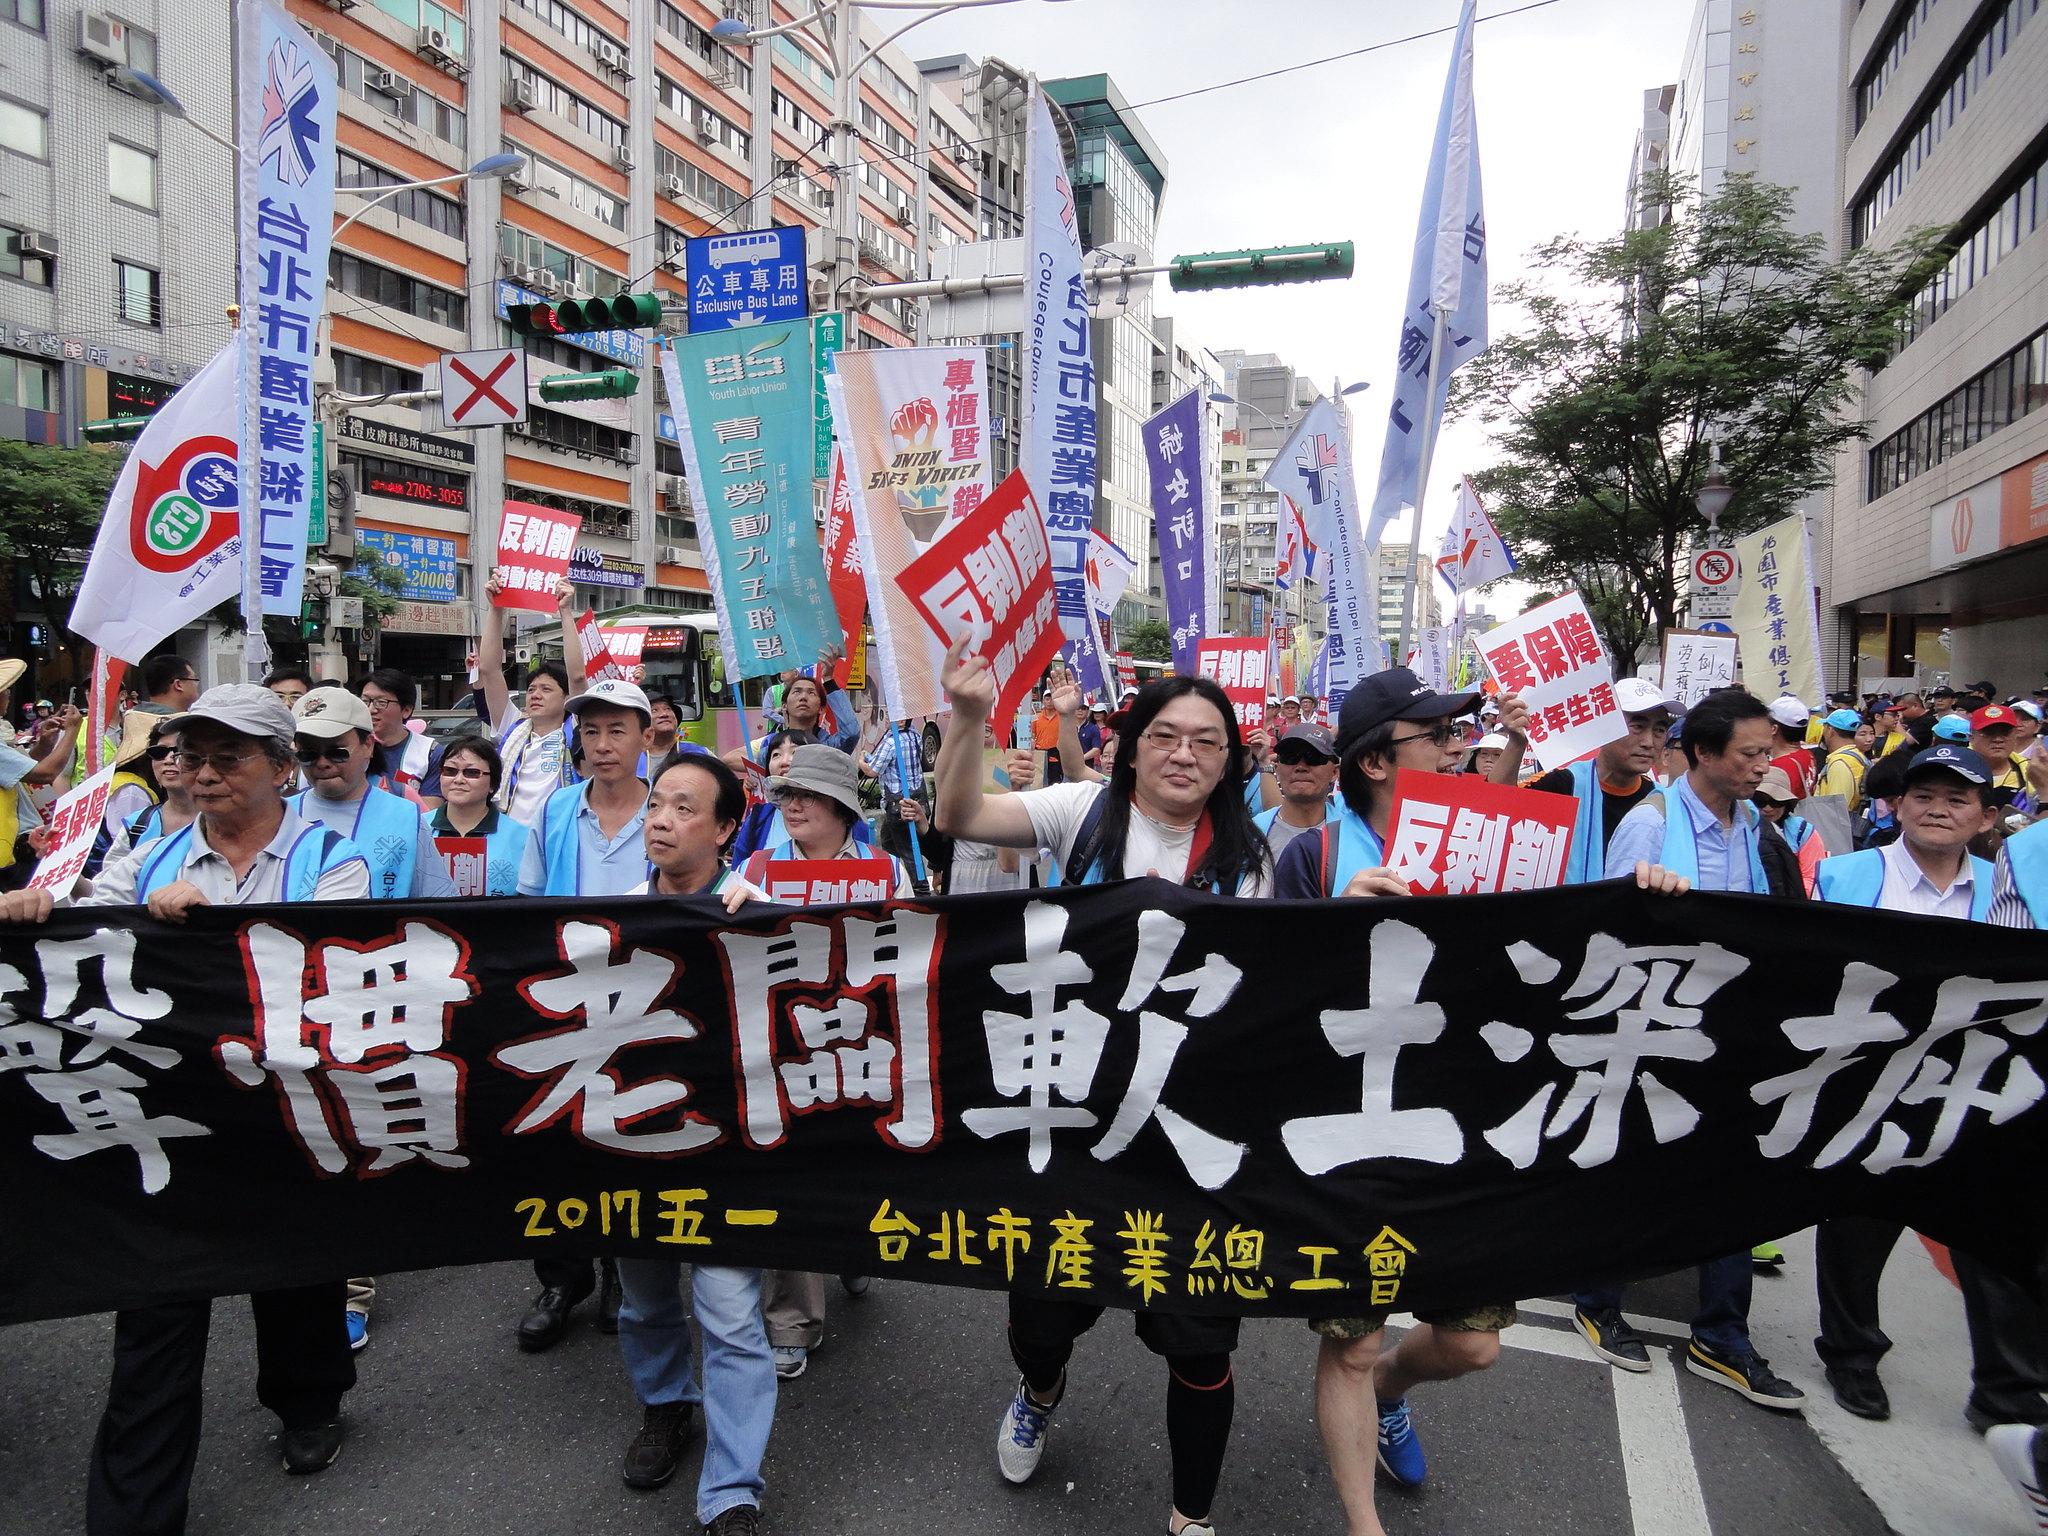 五一遊行萬人上街。(攝影:張智琦)